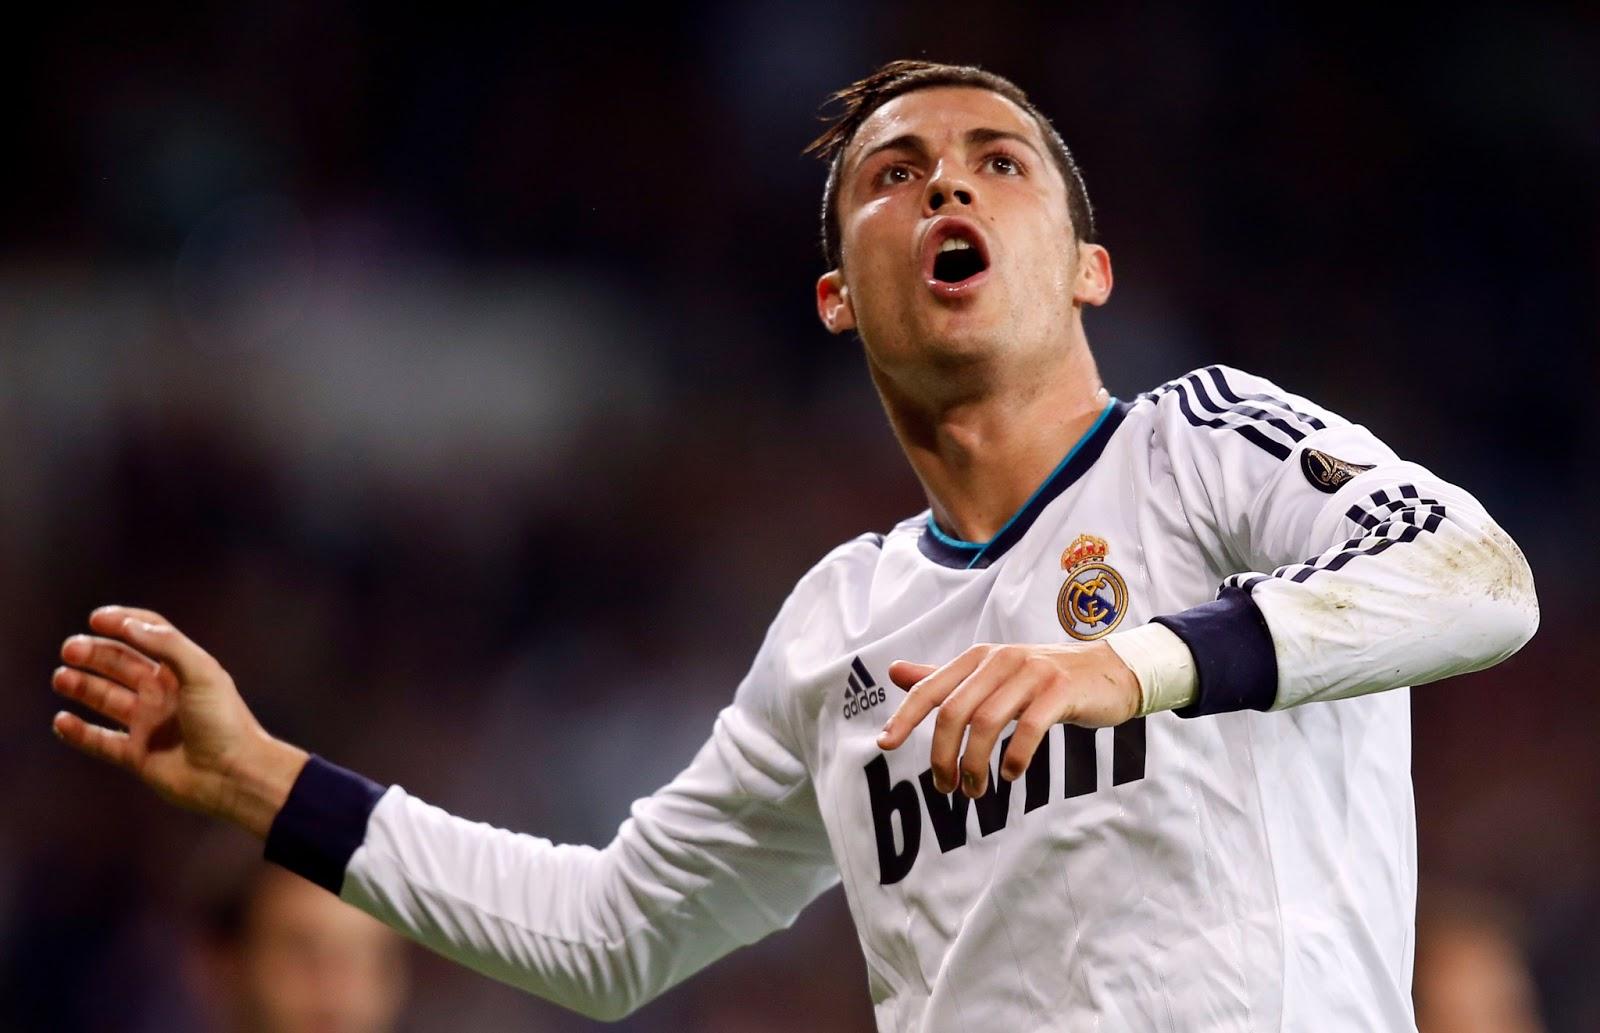 Cristiano-Ronaldo-2013-HD-Wallpaper-Picture-Real-Madrid-2